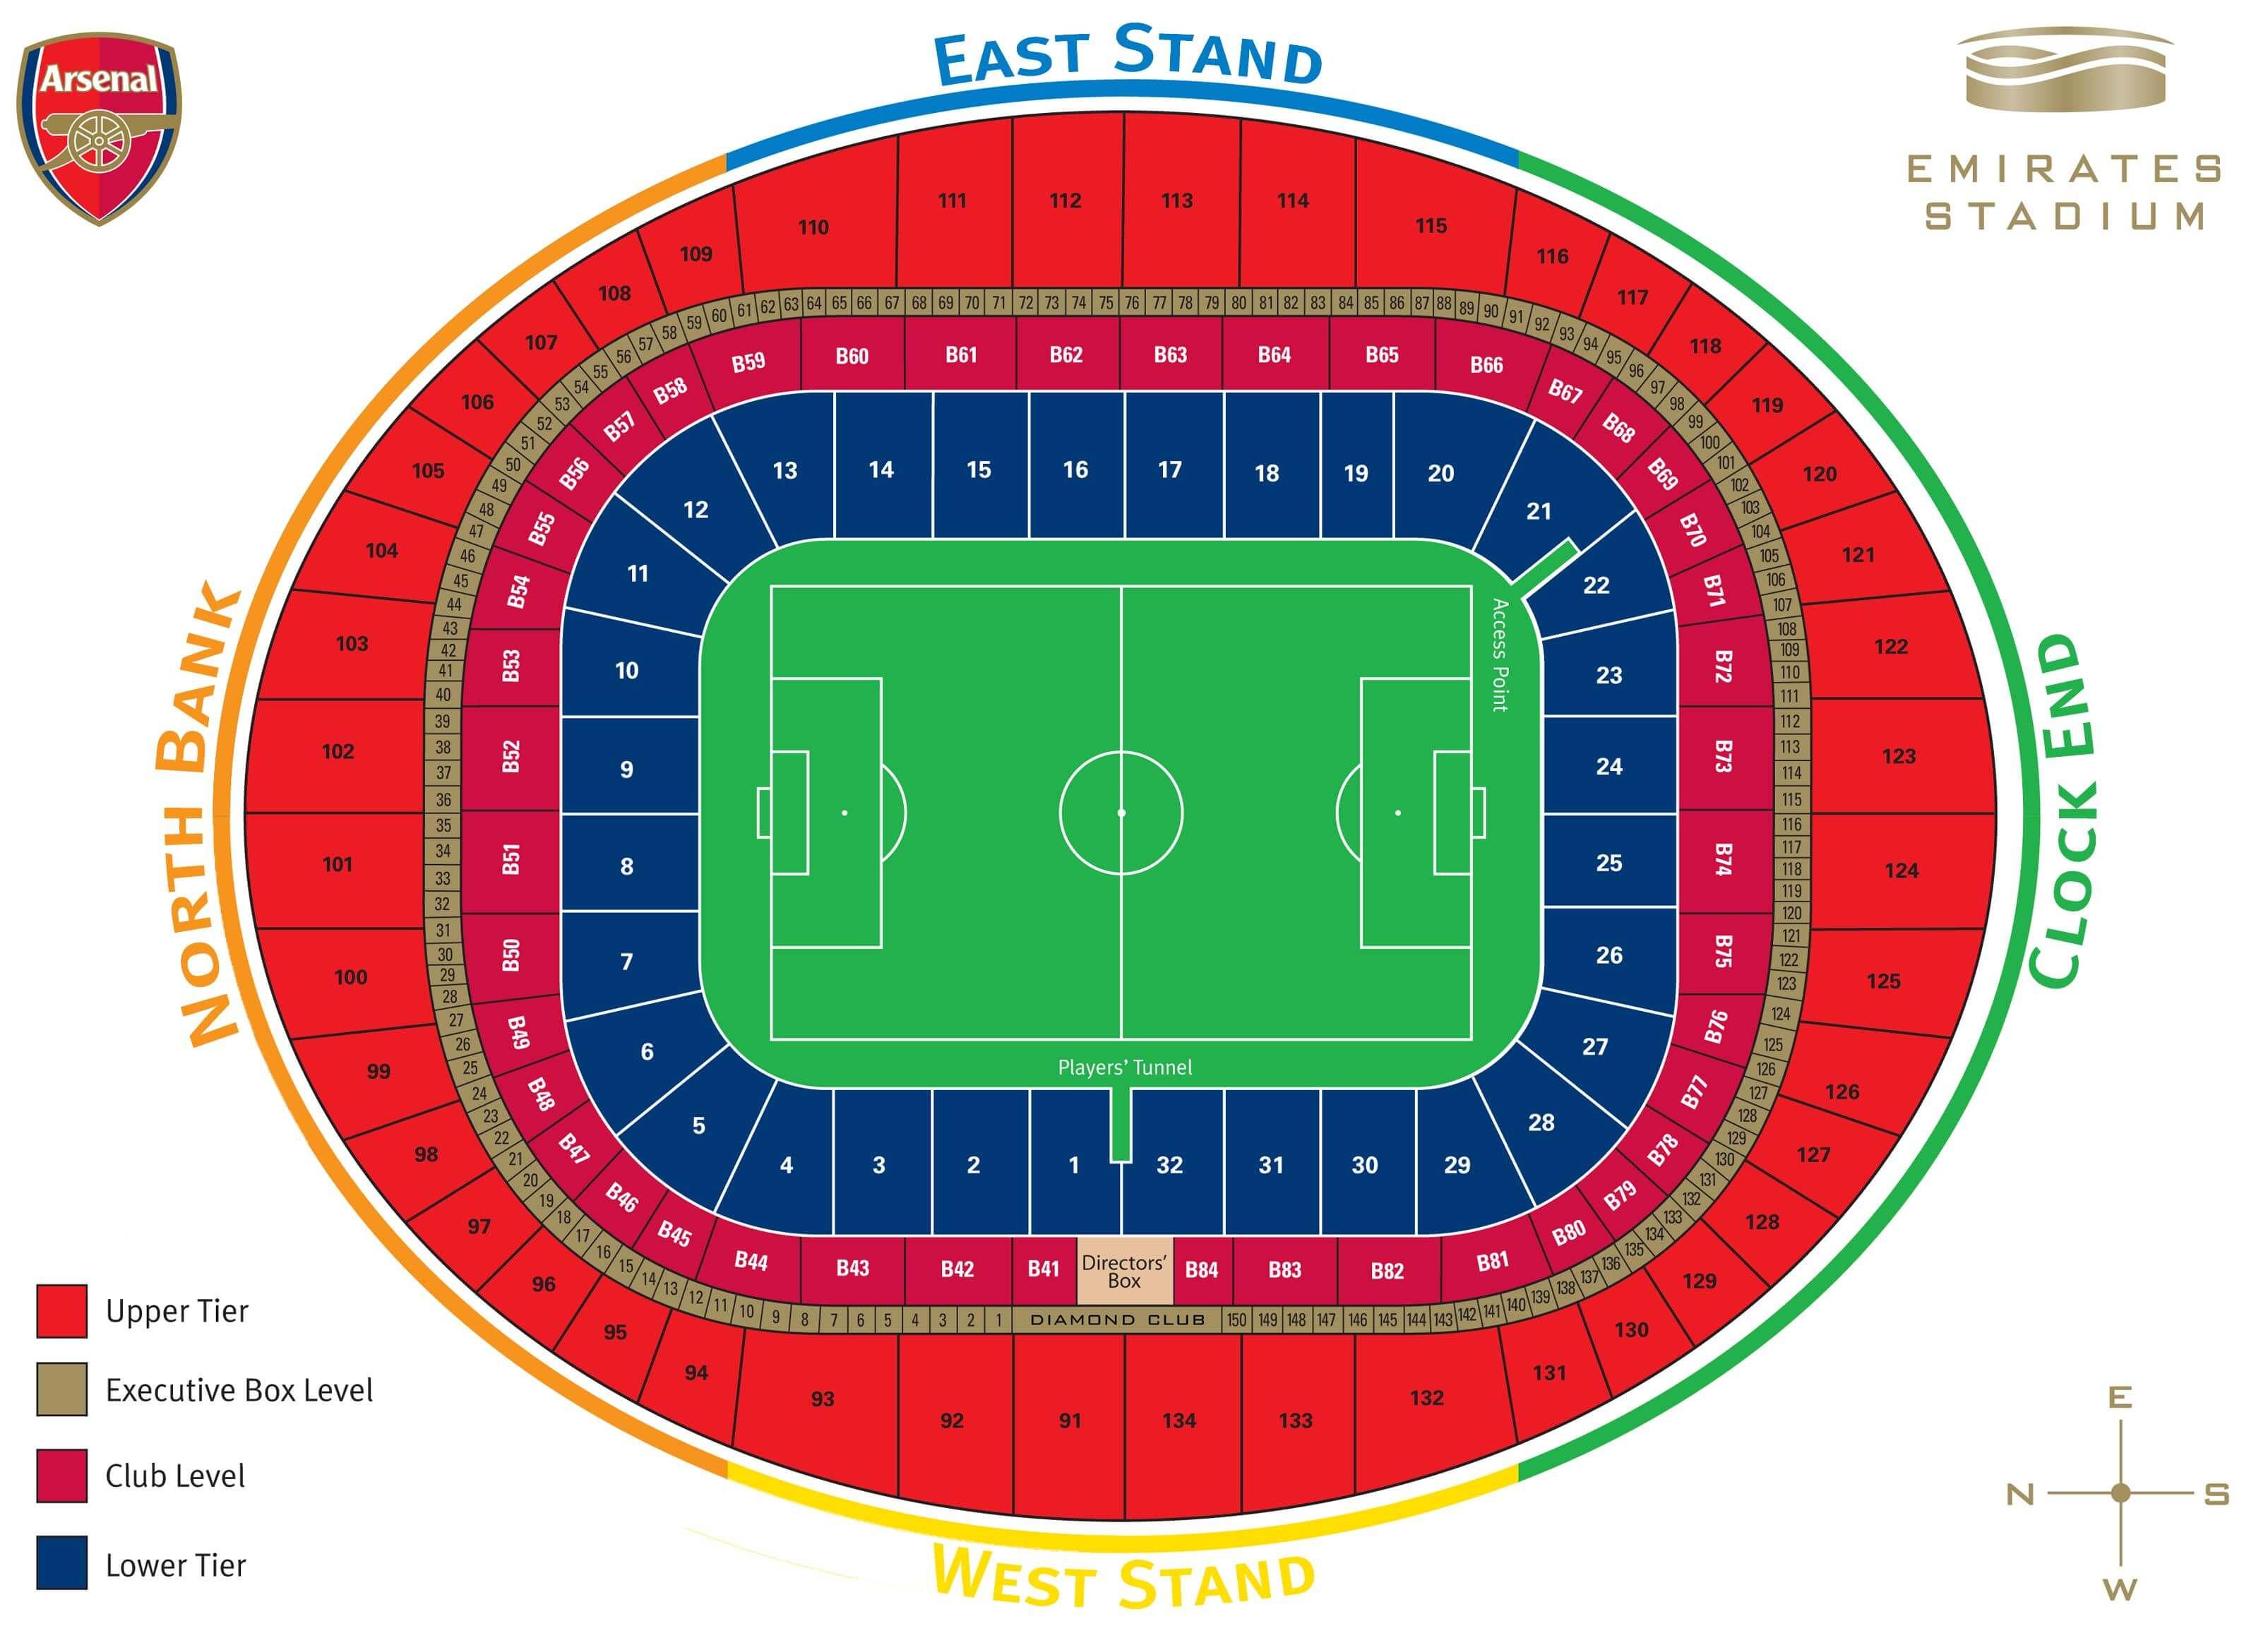 Emirates Stadium Seating Map